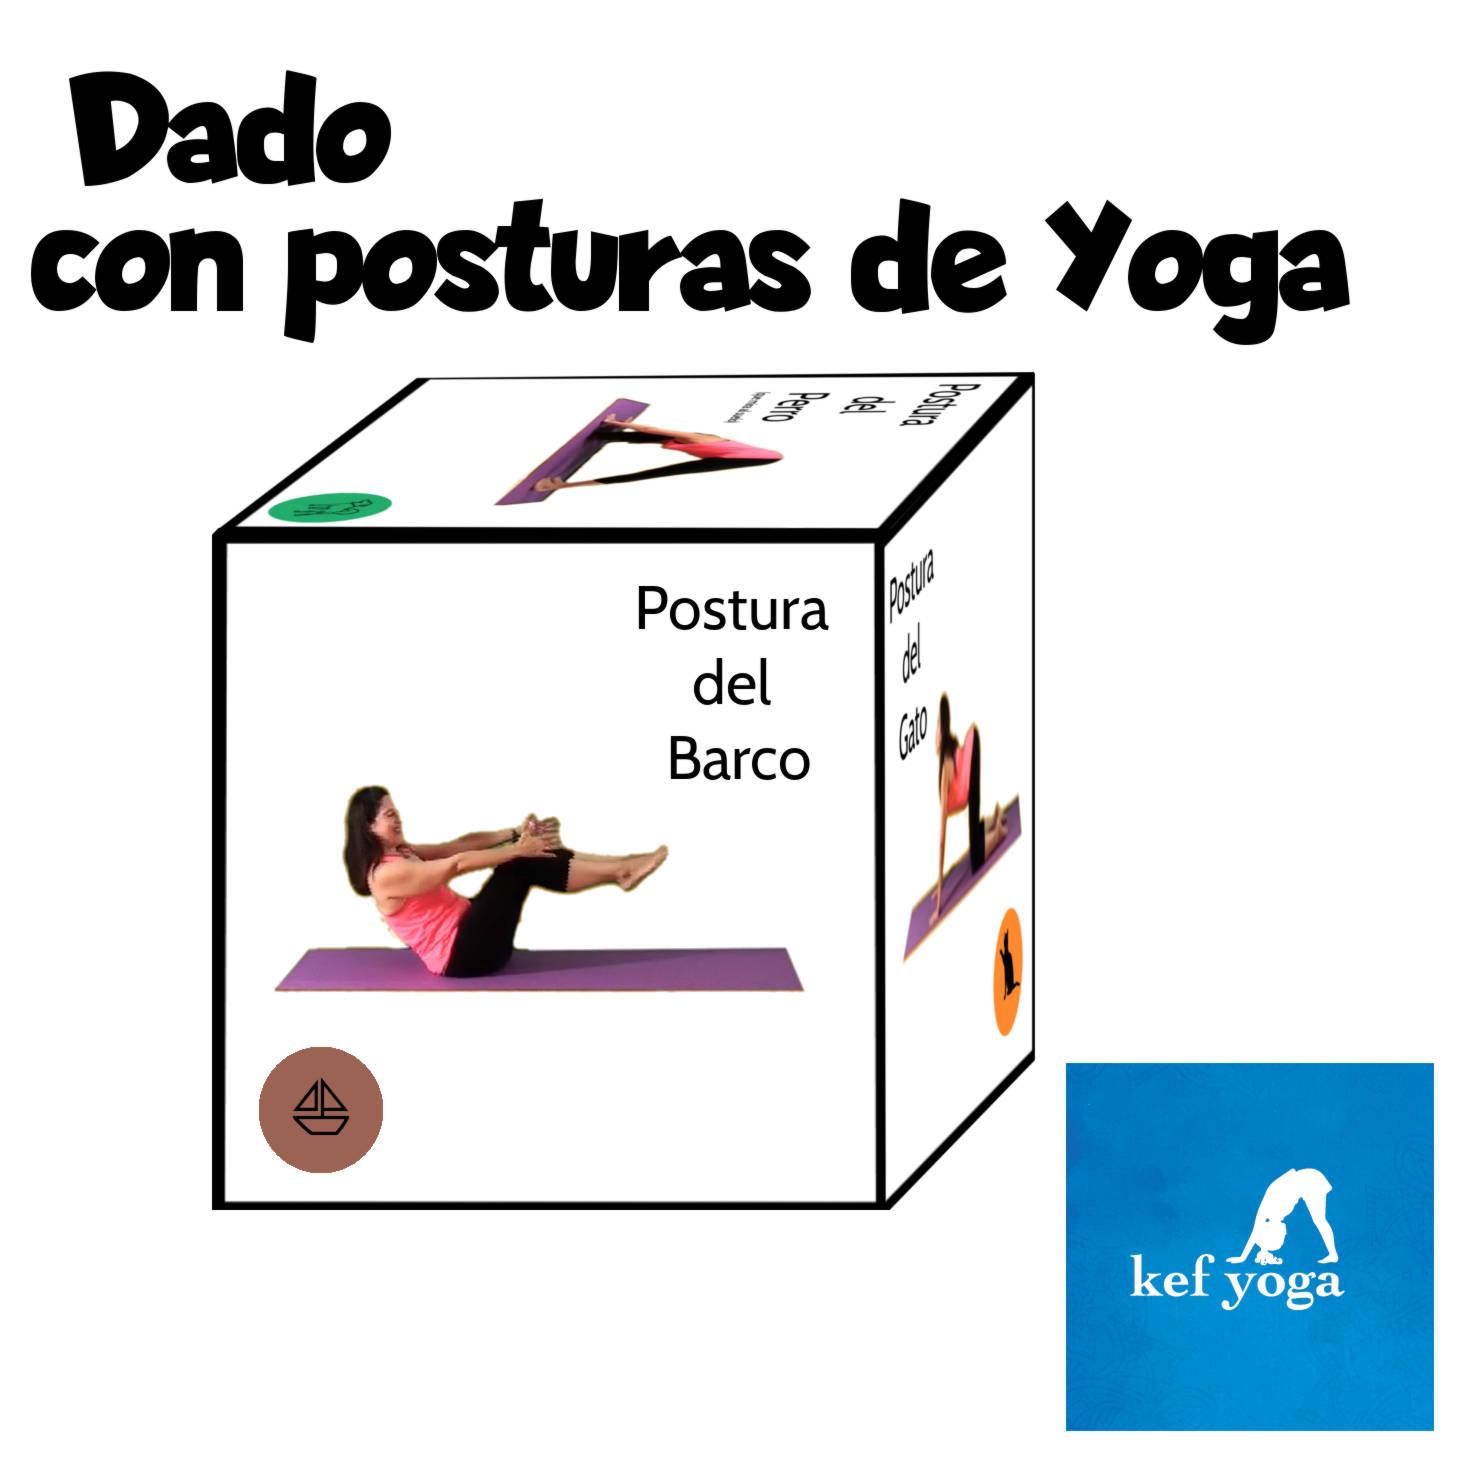 Dado con posturas de Yoga